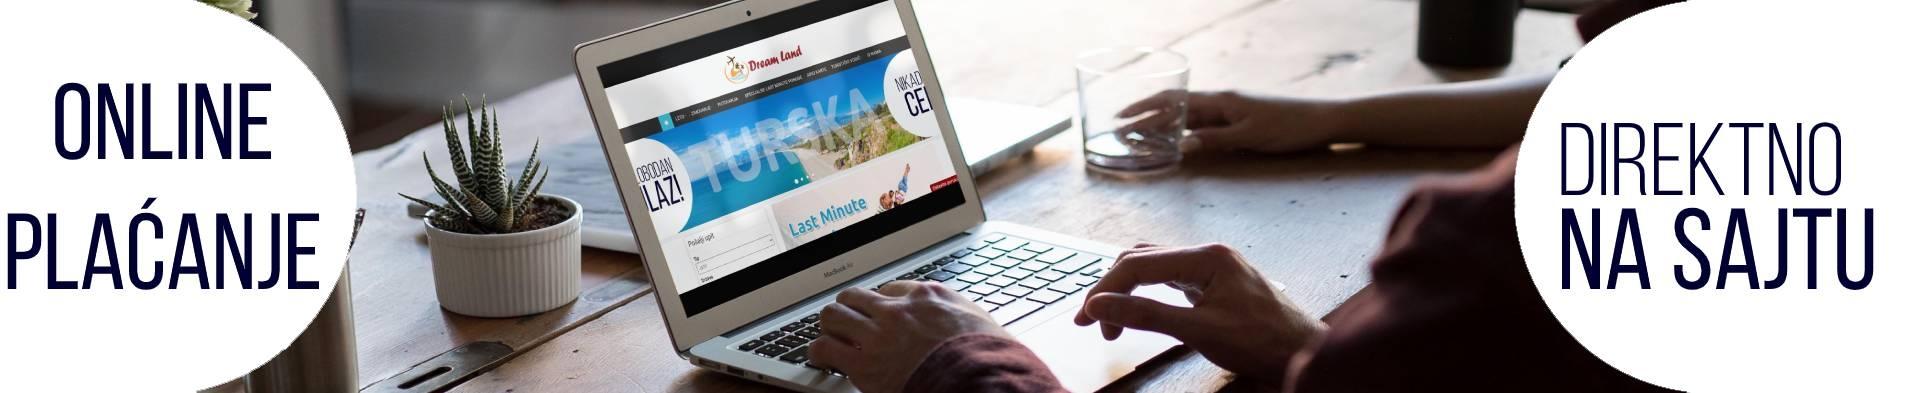 Online plaćanje